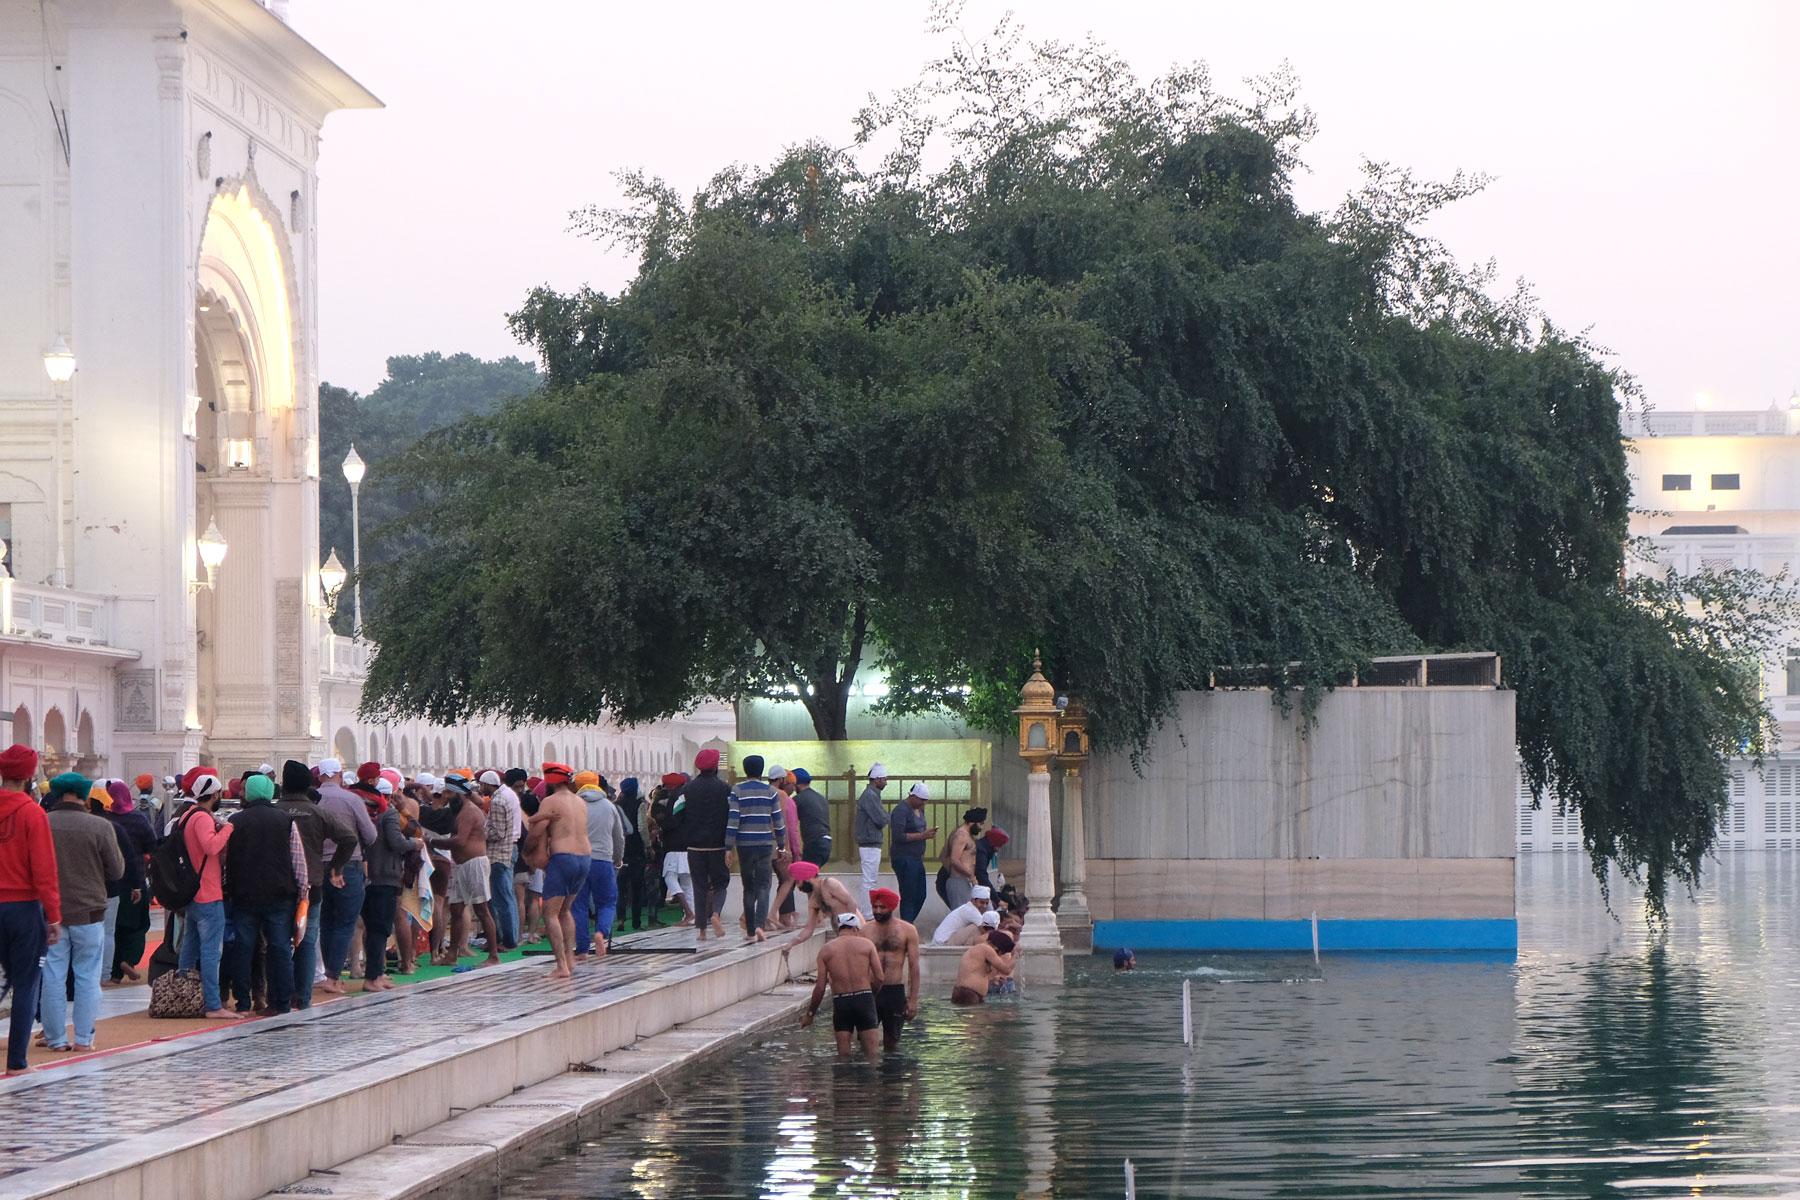 Jeden Tag strömen Pilger in die Palastanlage. Einige baden sich im heiligen Wasser, das den Tempel umgibt.